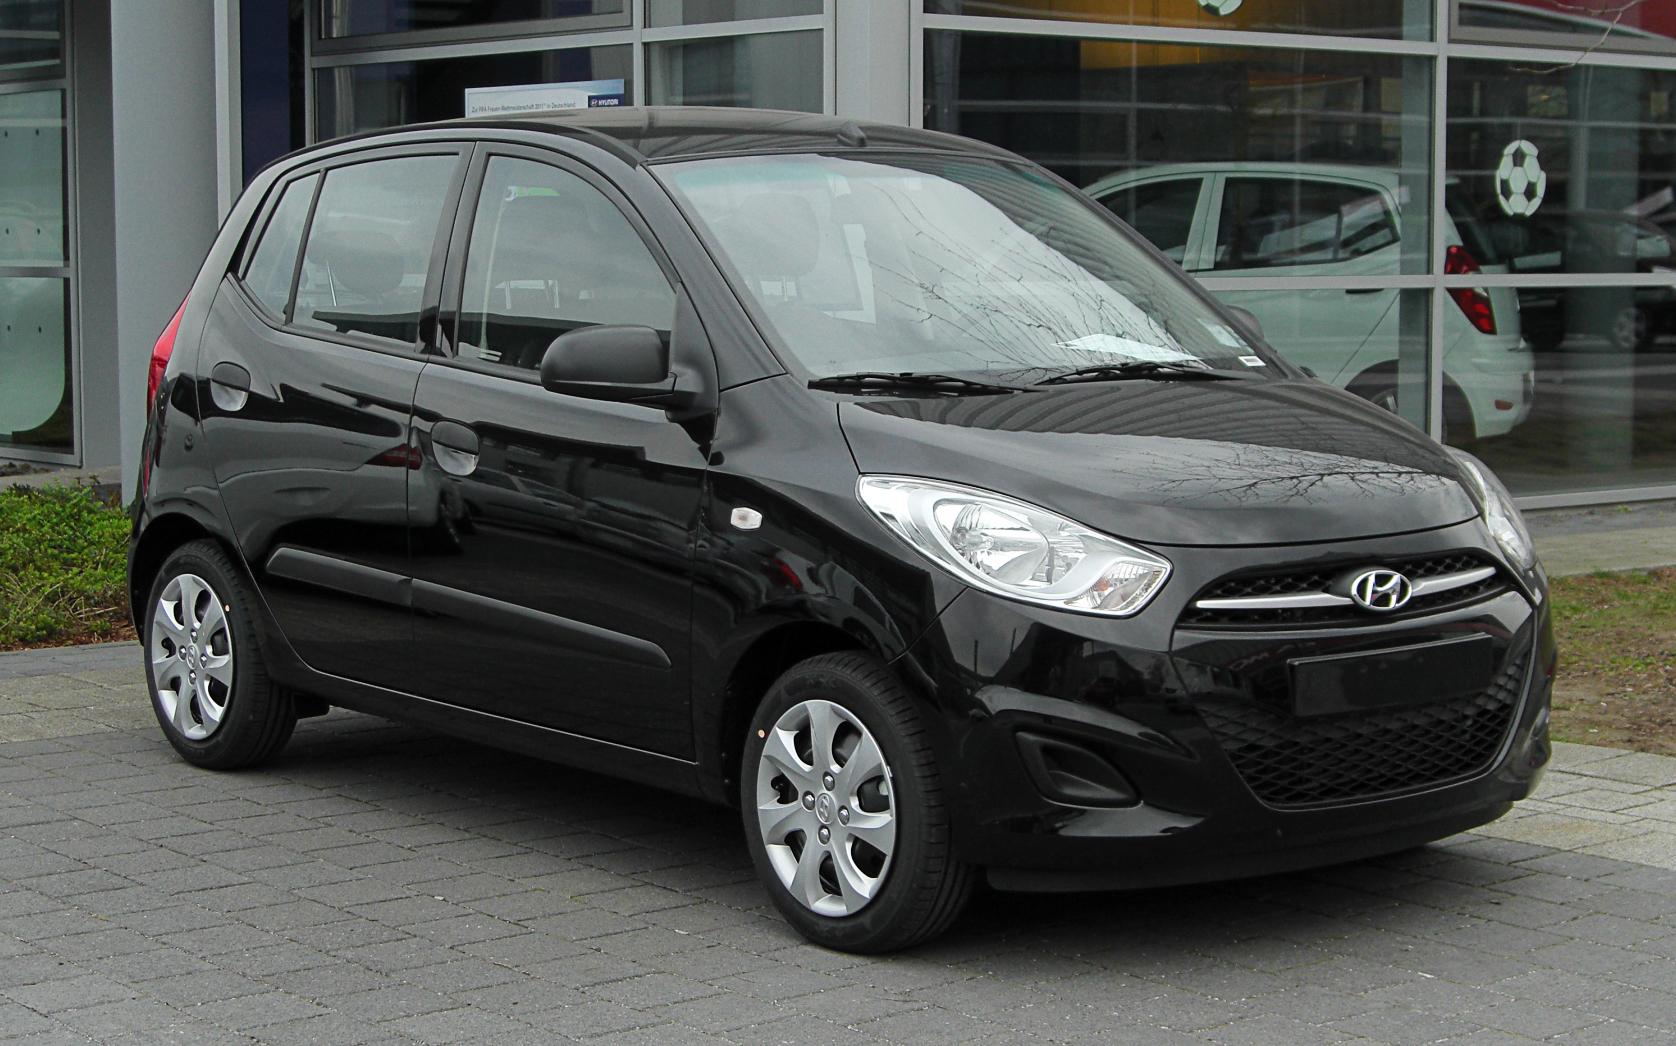 Hyundai-i10-1.1-Motion